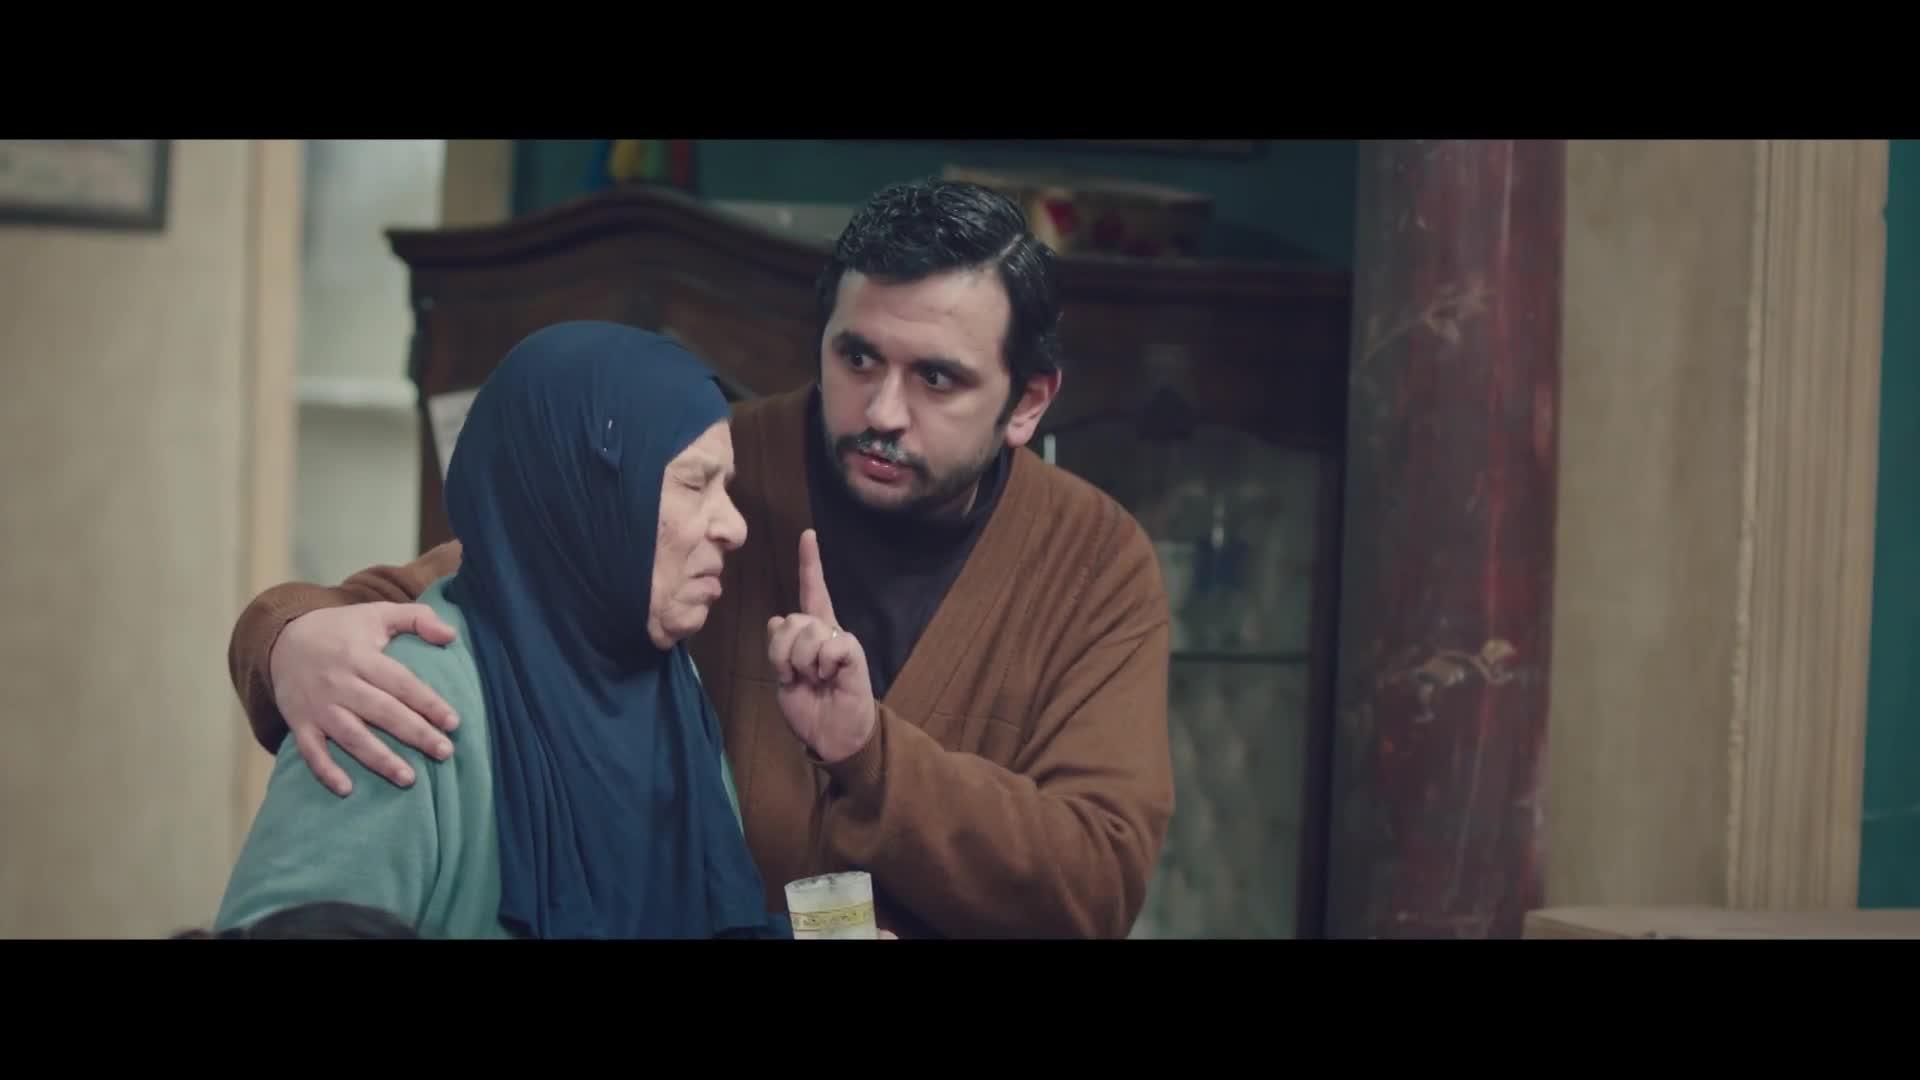 المسلسل المصري طلقة حظ [2019][WEB DL][1080p] تحميل تورنت 9 arabp2p.com